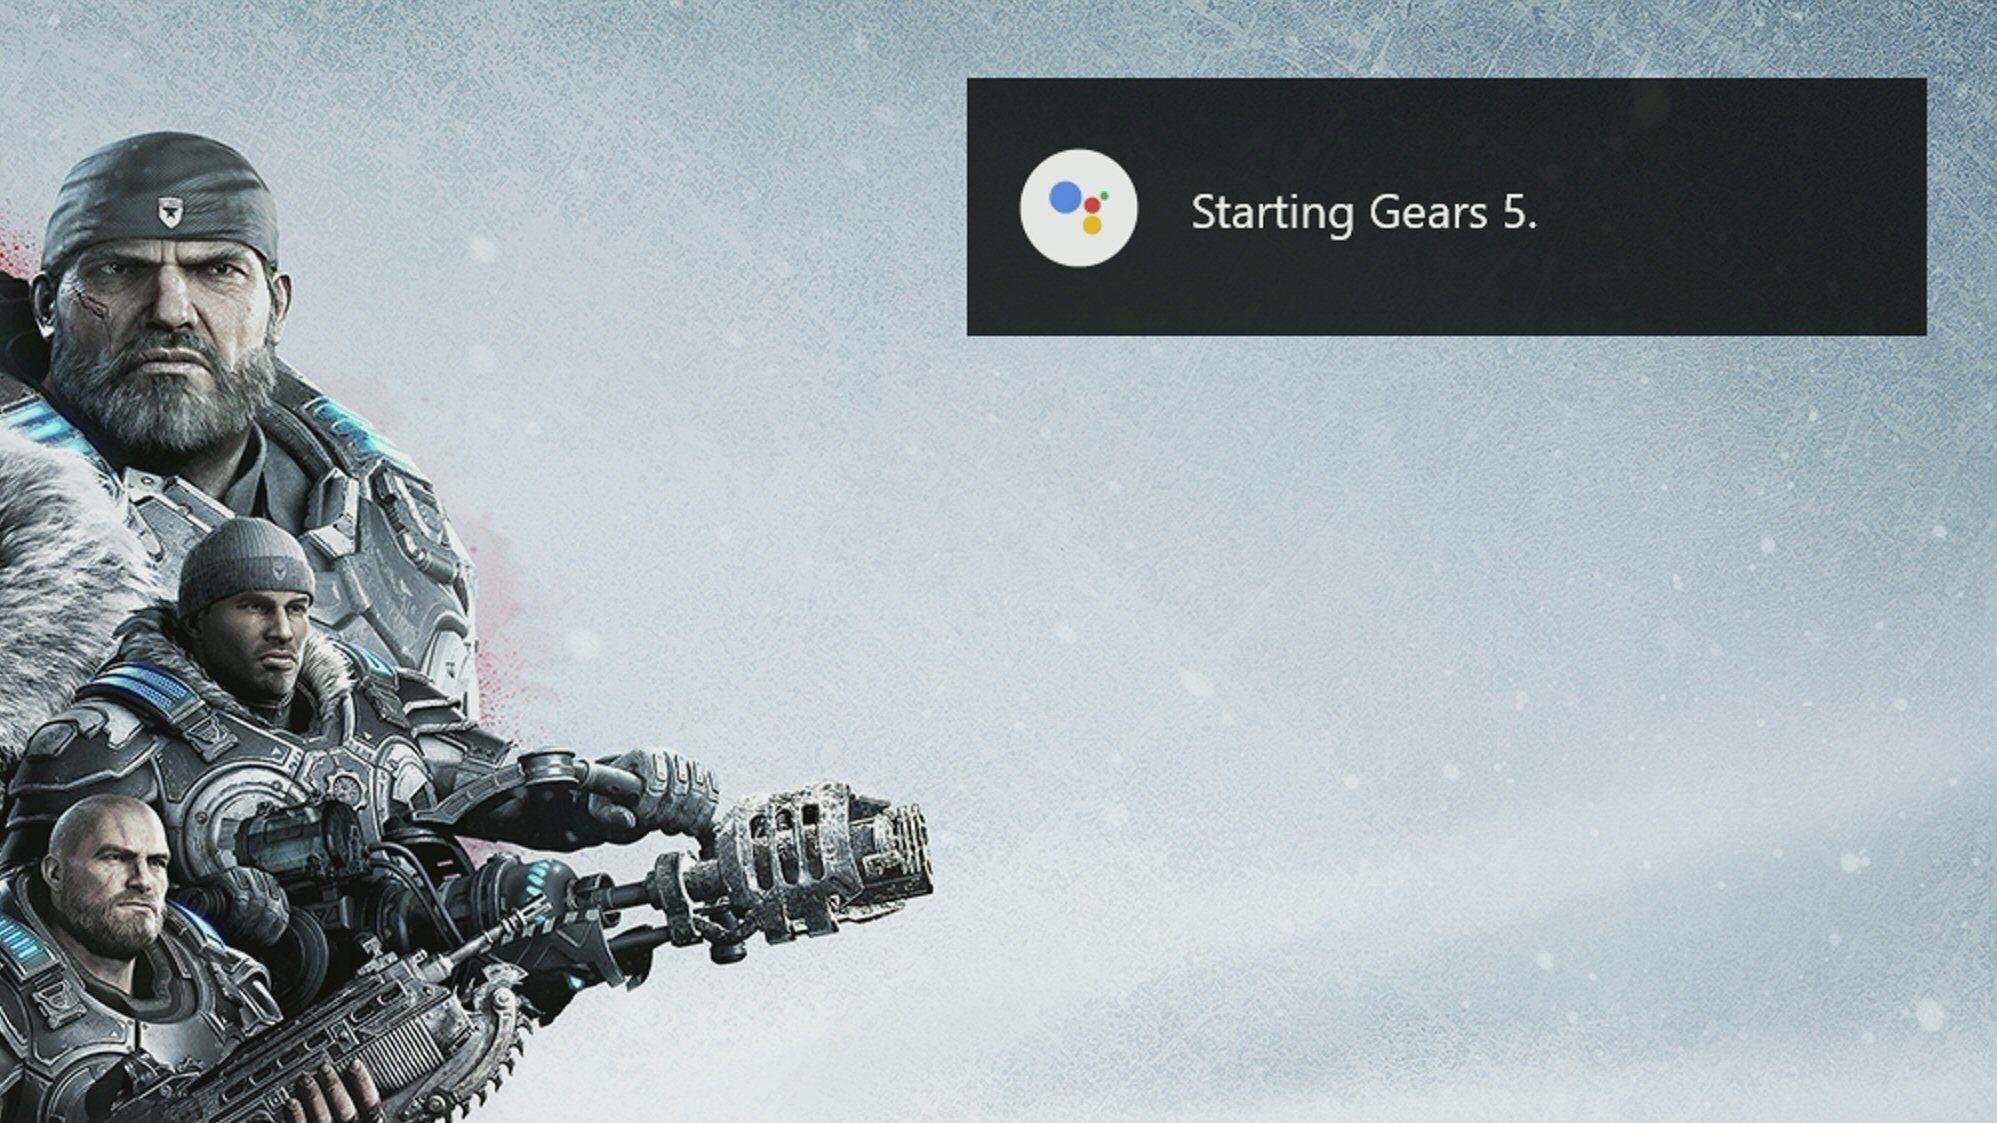 Nå lar Google deg starte Xbox-spill med stemmen